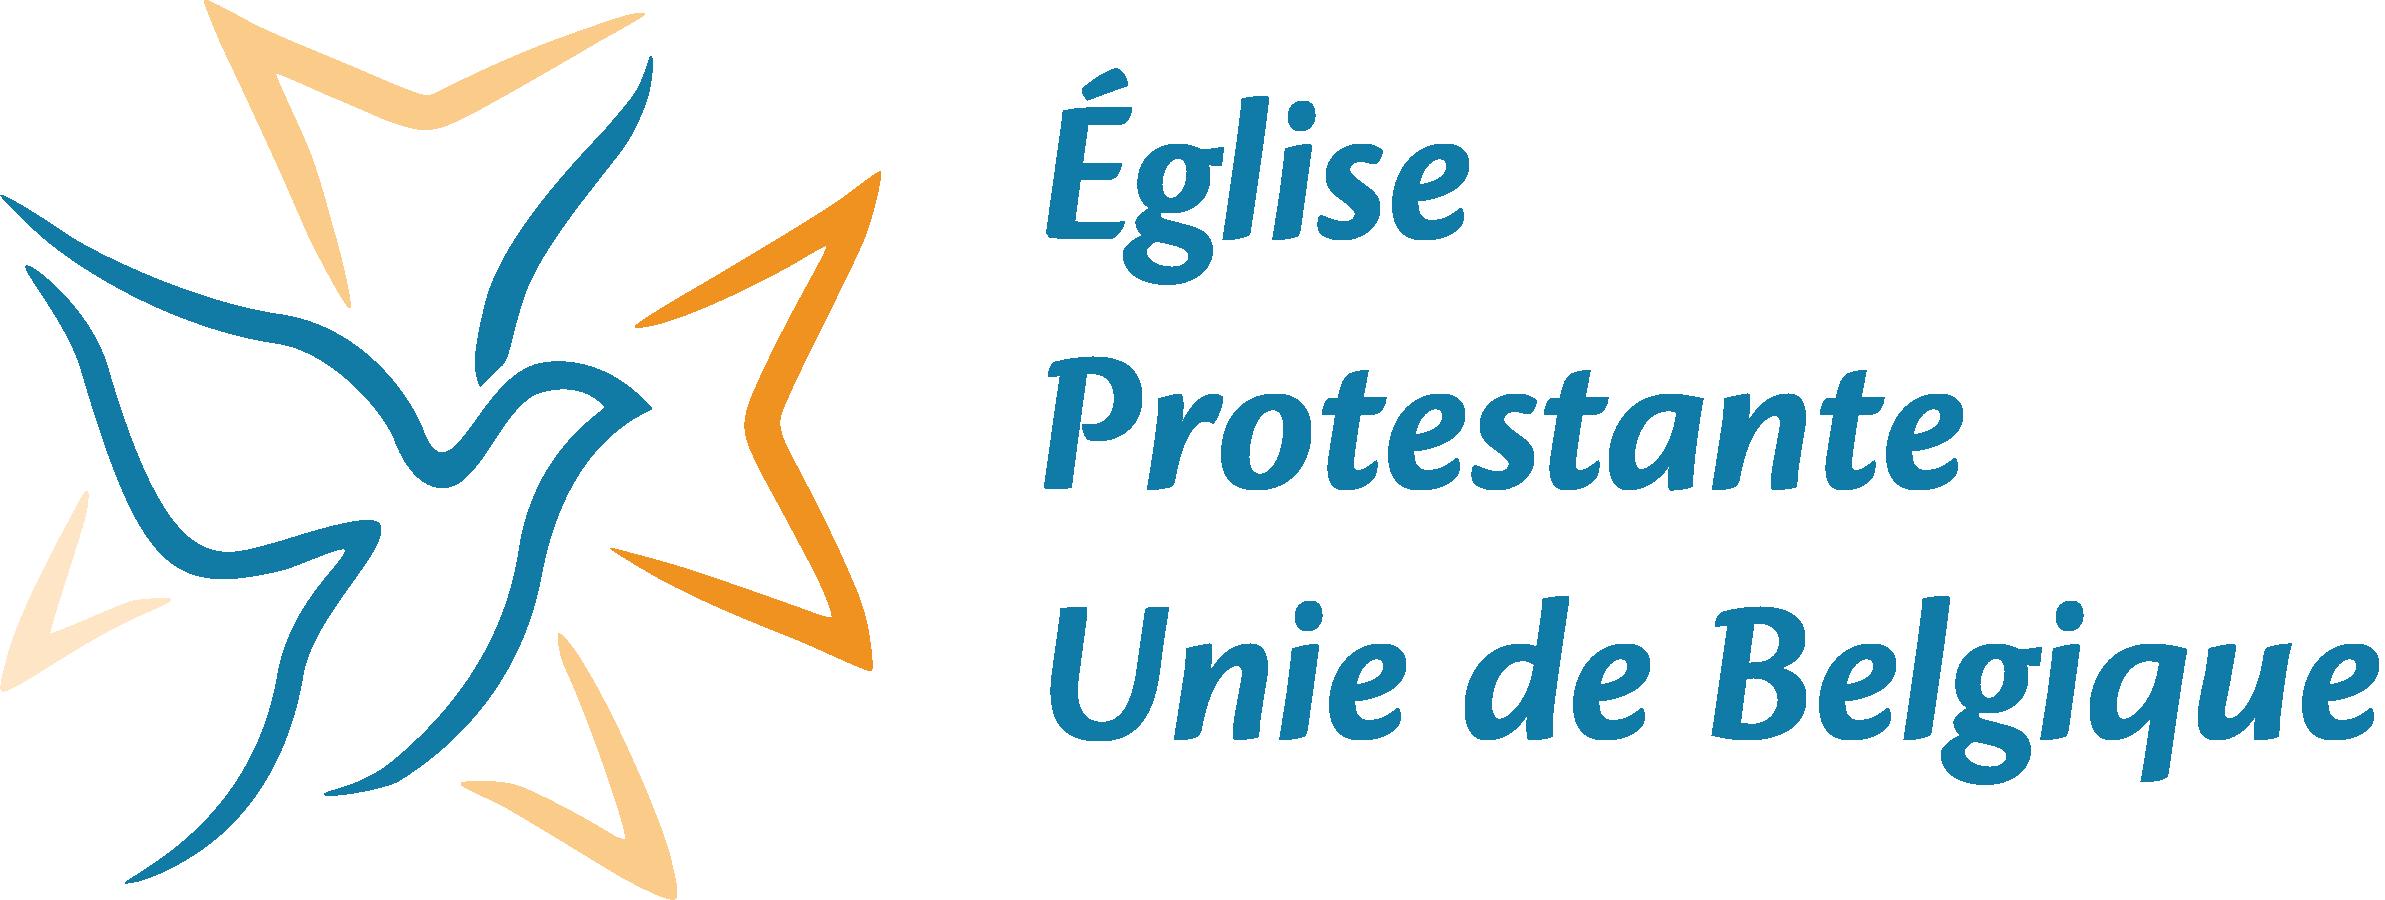 Église Protestante Unie de Belgique